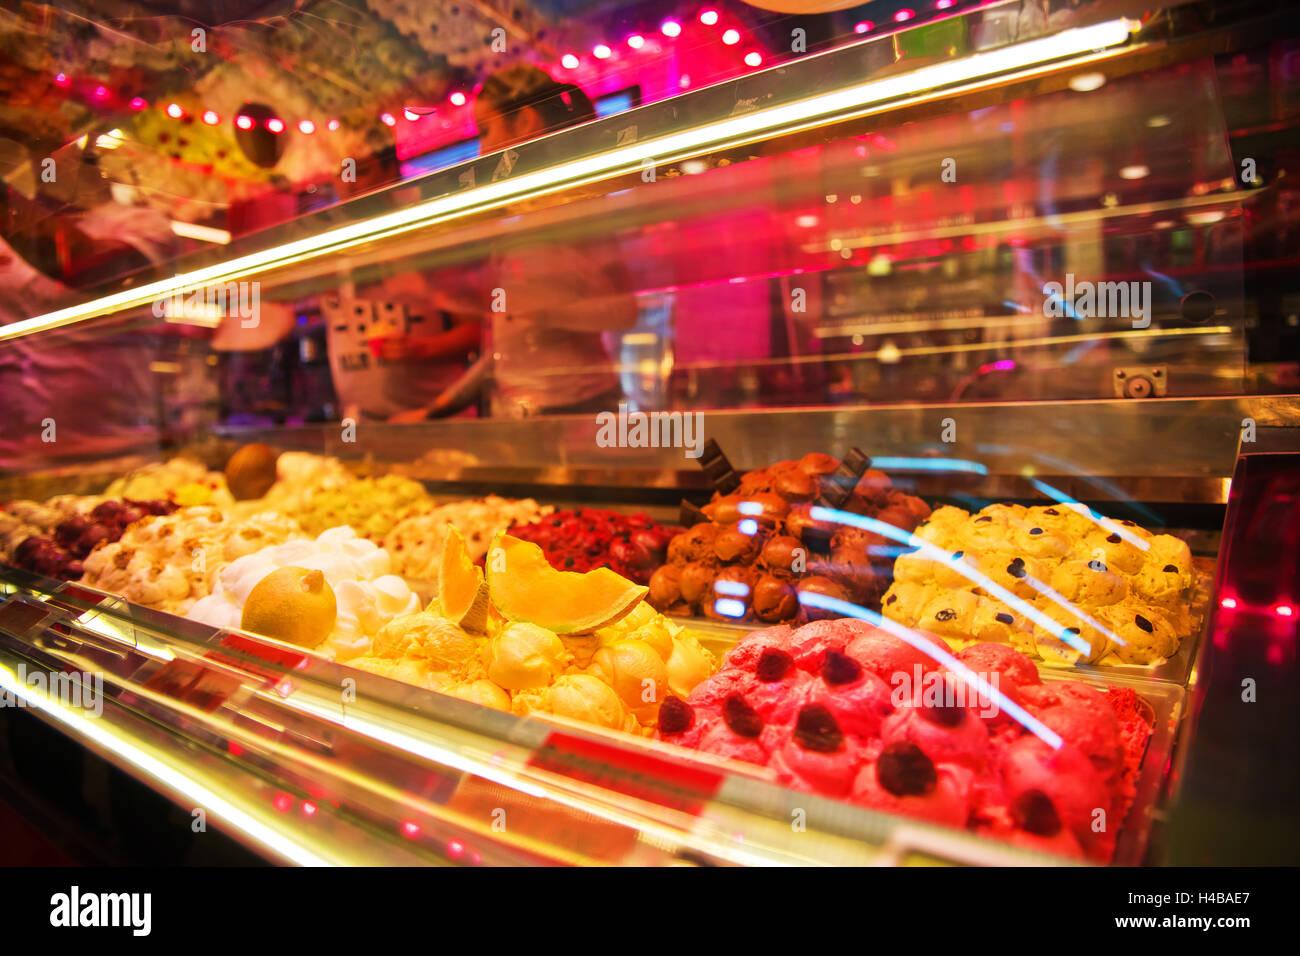 Detailansicht, Eisdiele in eine Markthalle in Stockholm, Schweden Stockbild